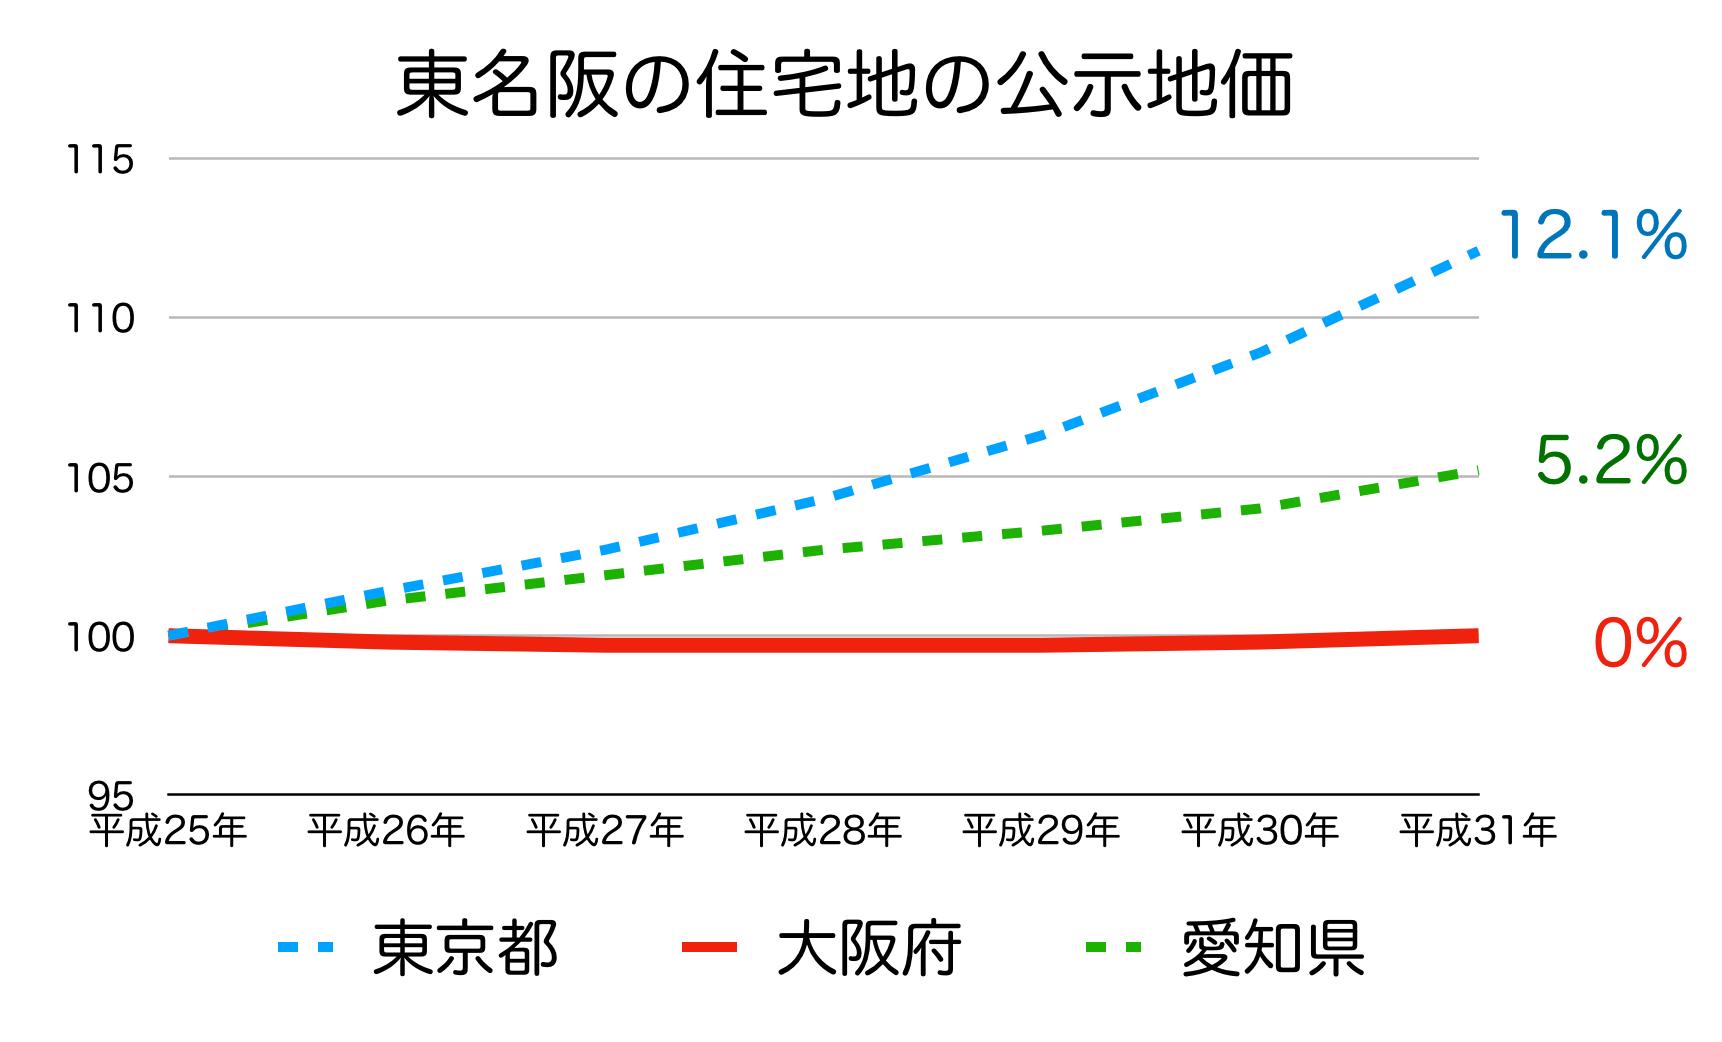 大阪府の公示地価の変化率 H25-H31